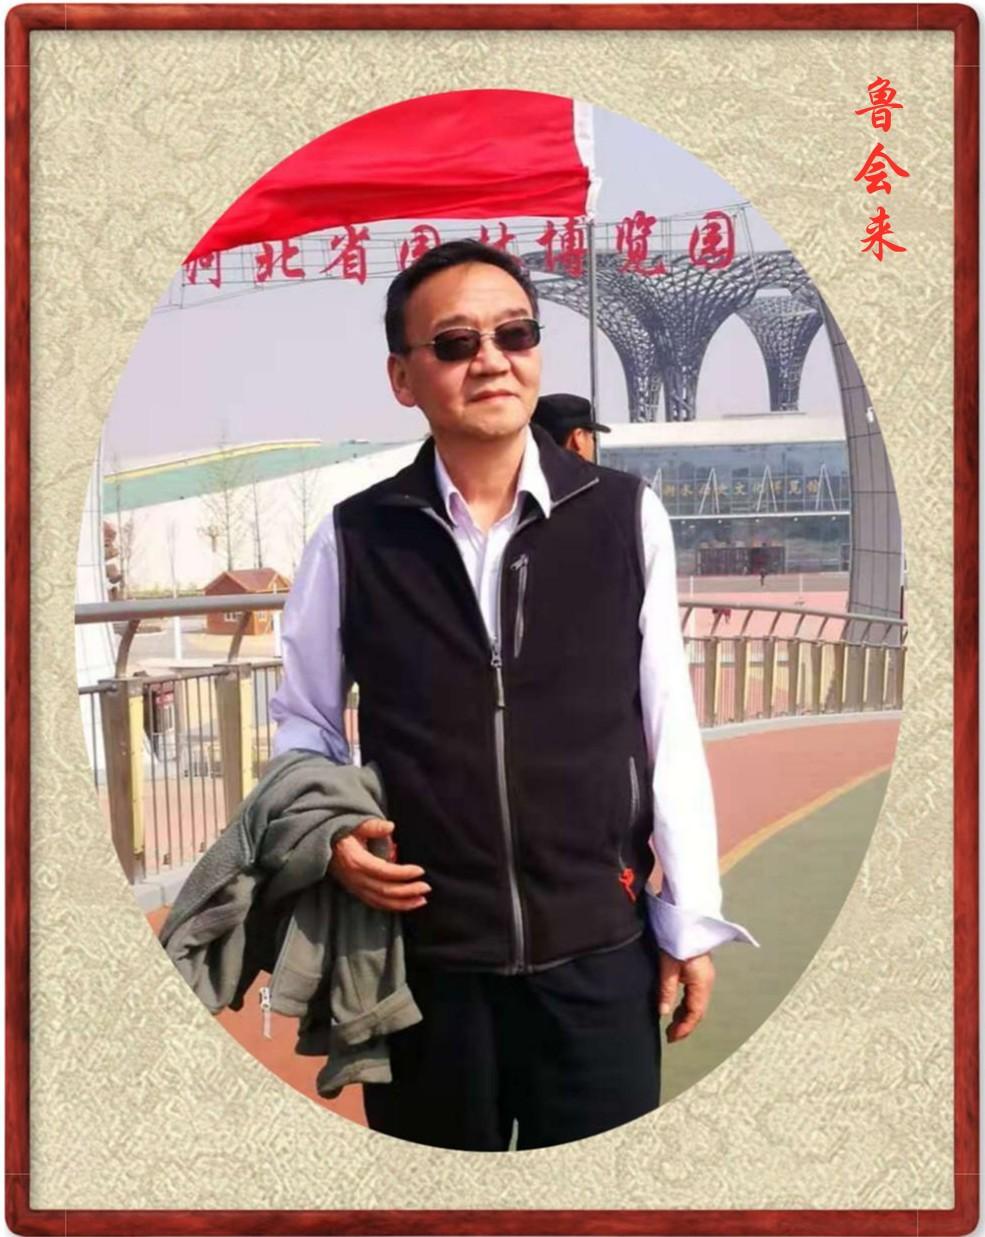 通县三中七三届三九班的窗友(摄影)_图1-41